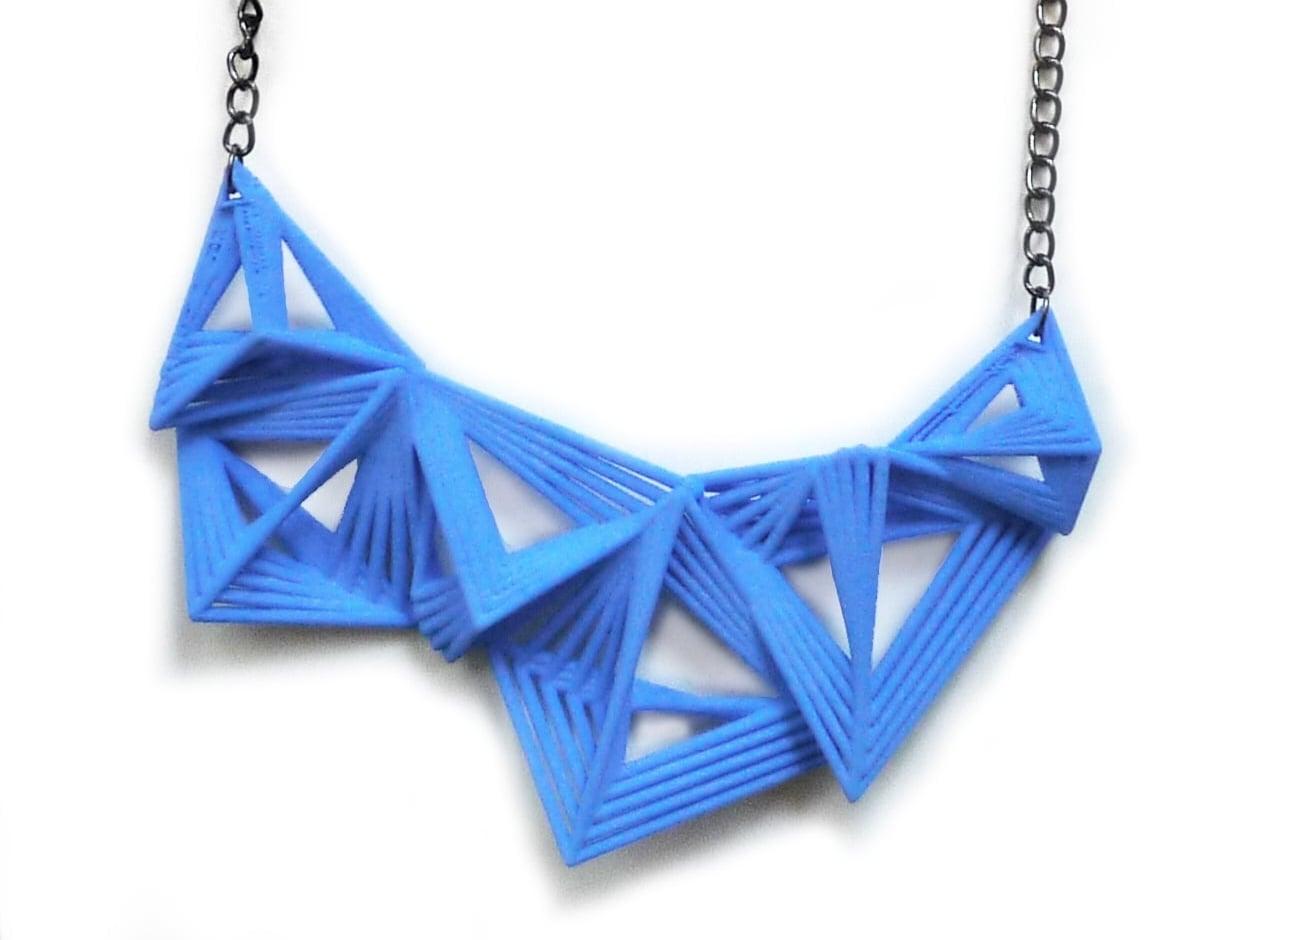 Tetryn Necklace   6100: In Nylon $18